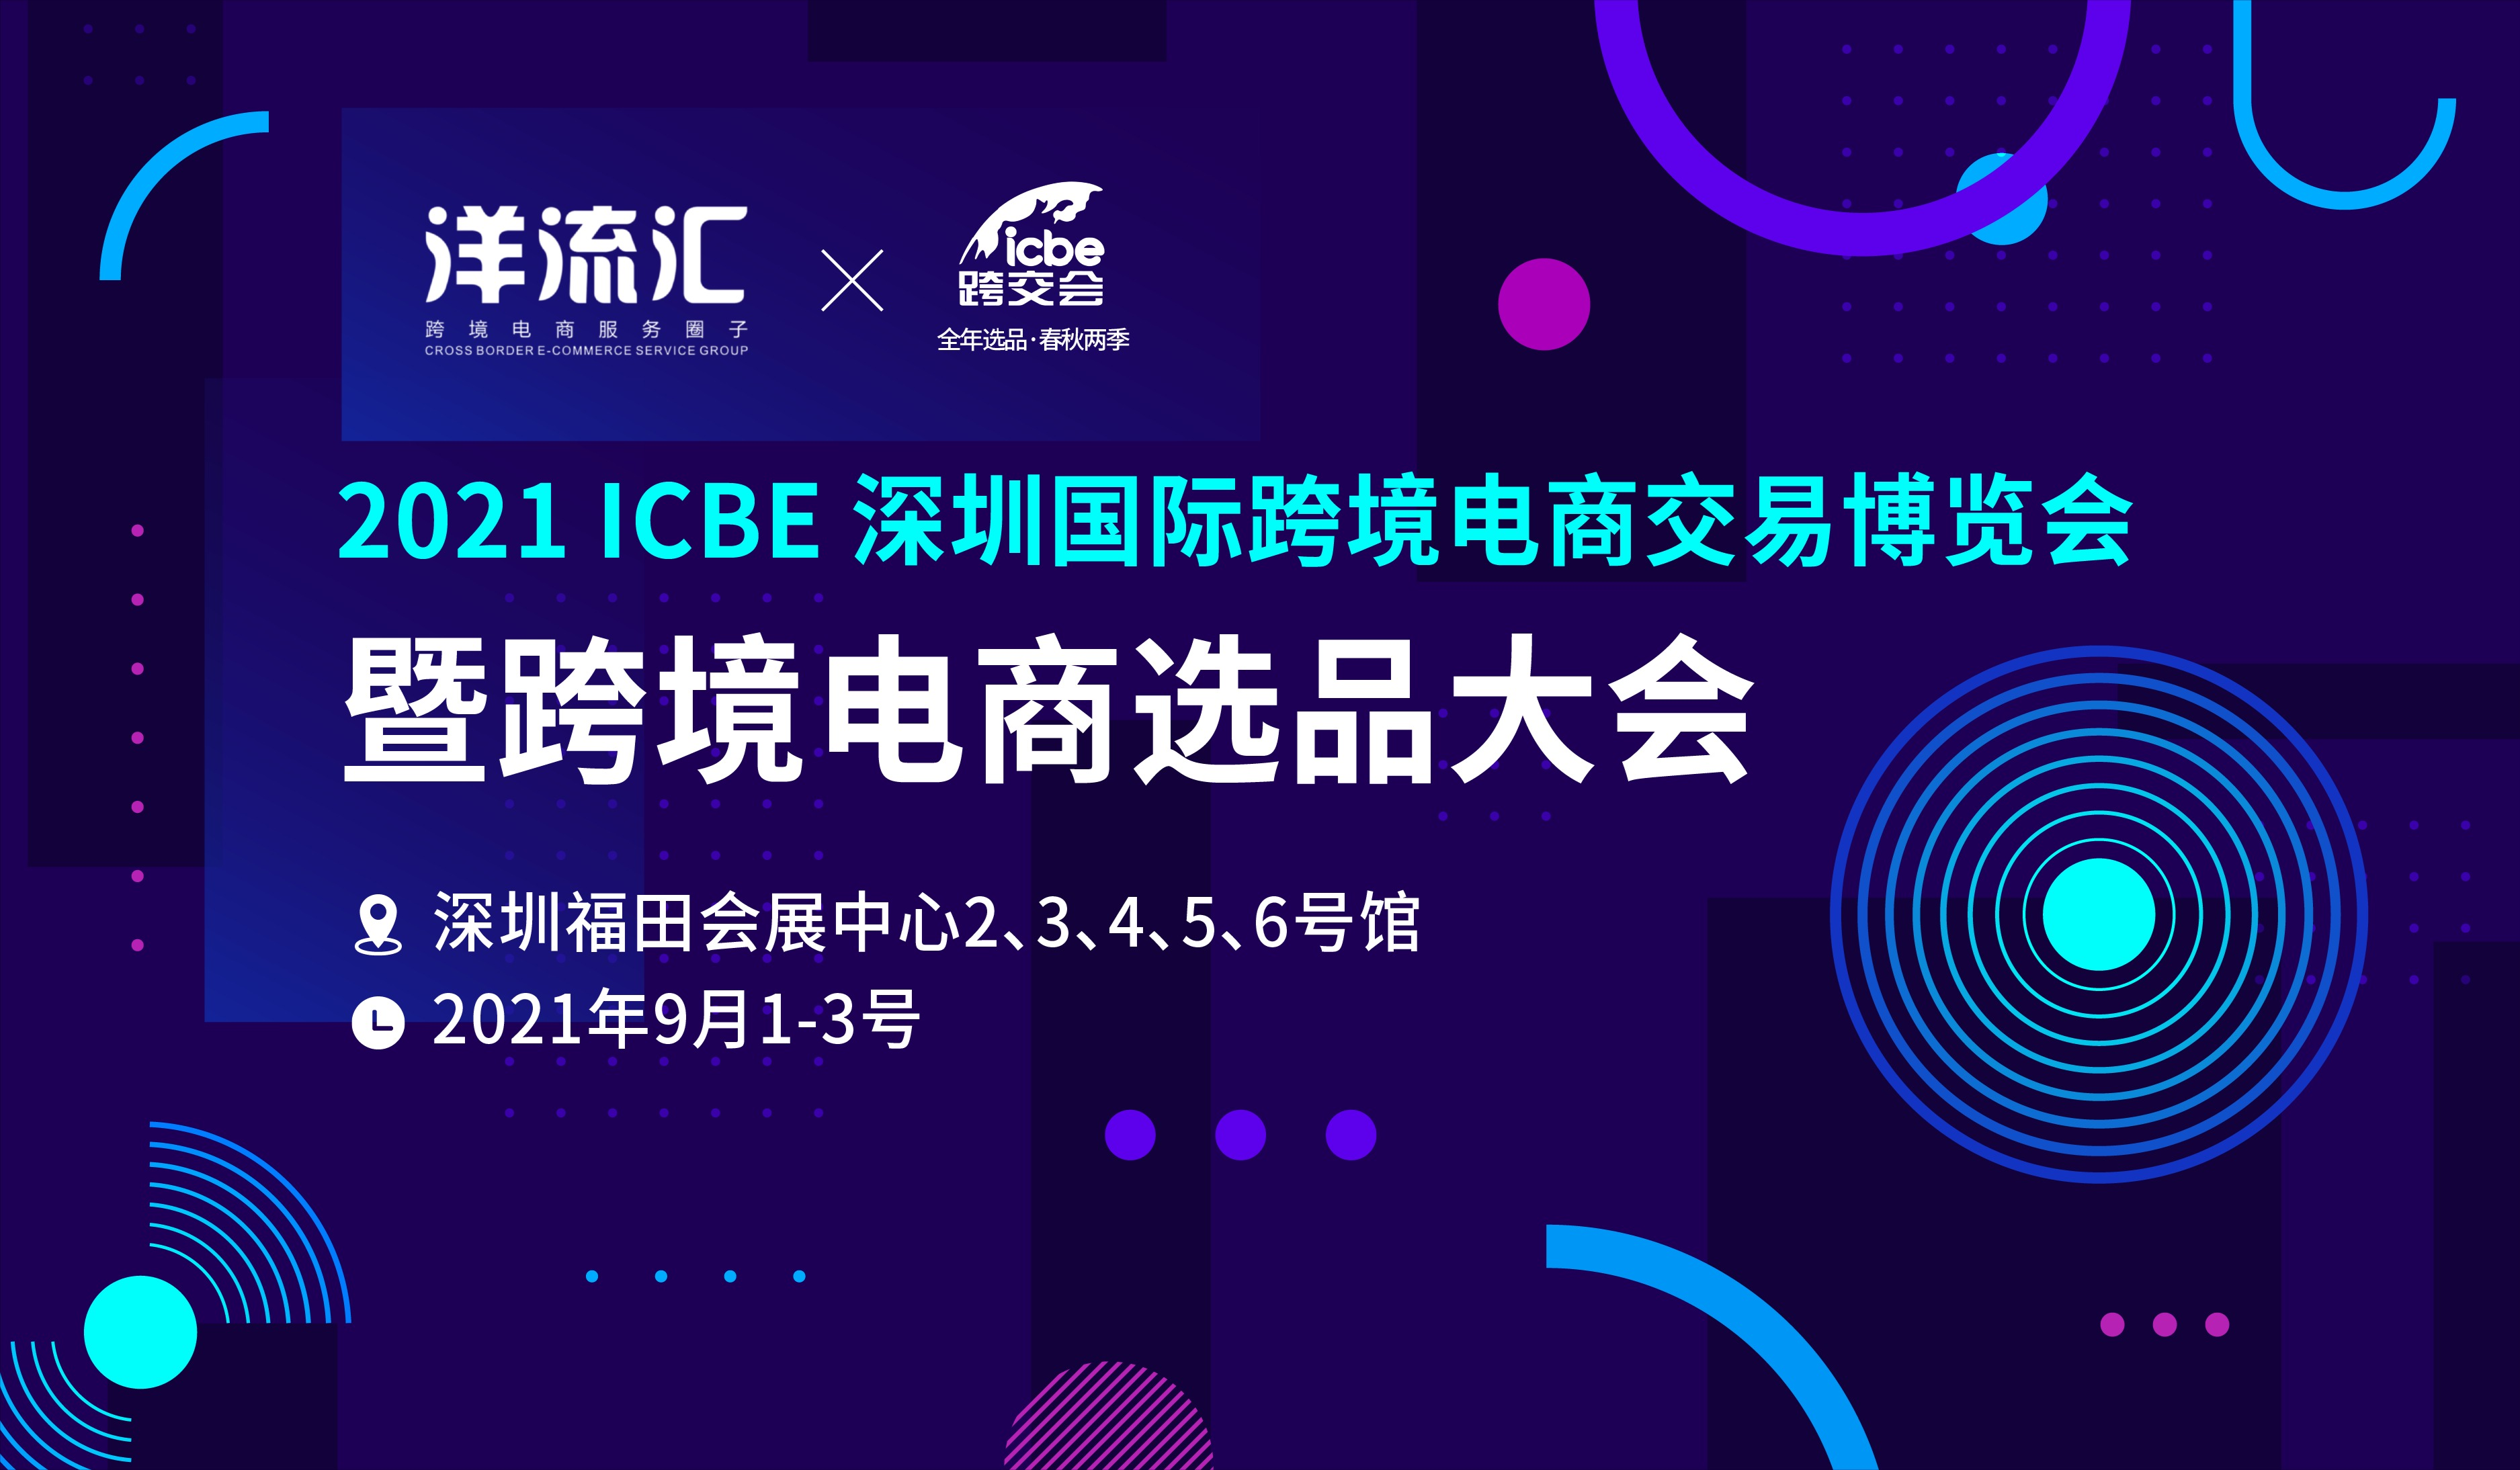 2021ICBE深圳国际跨境电商交易博览会暨跨境电商选品大会